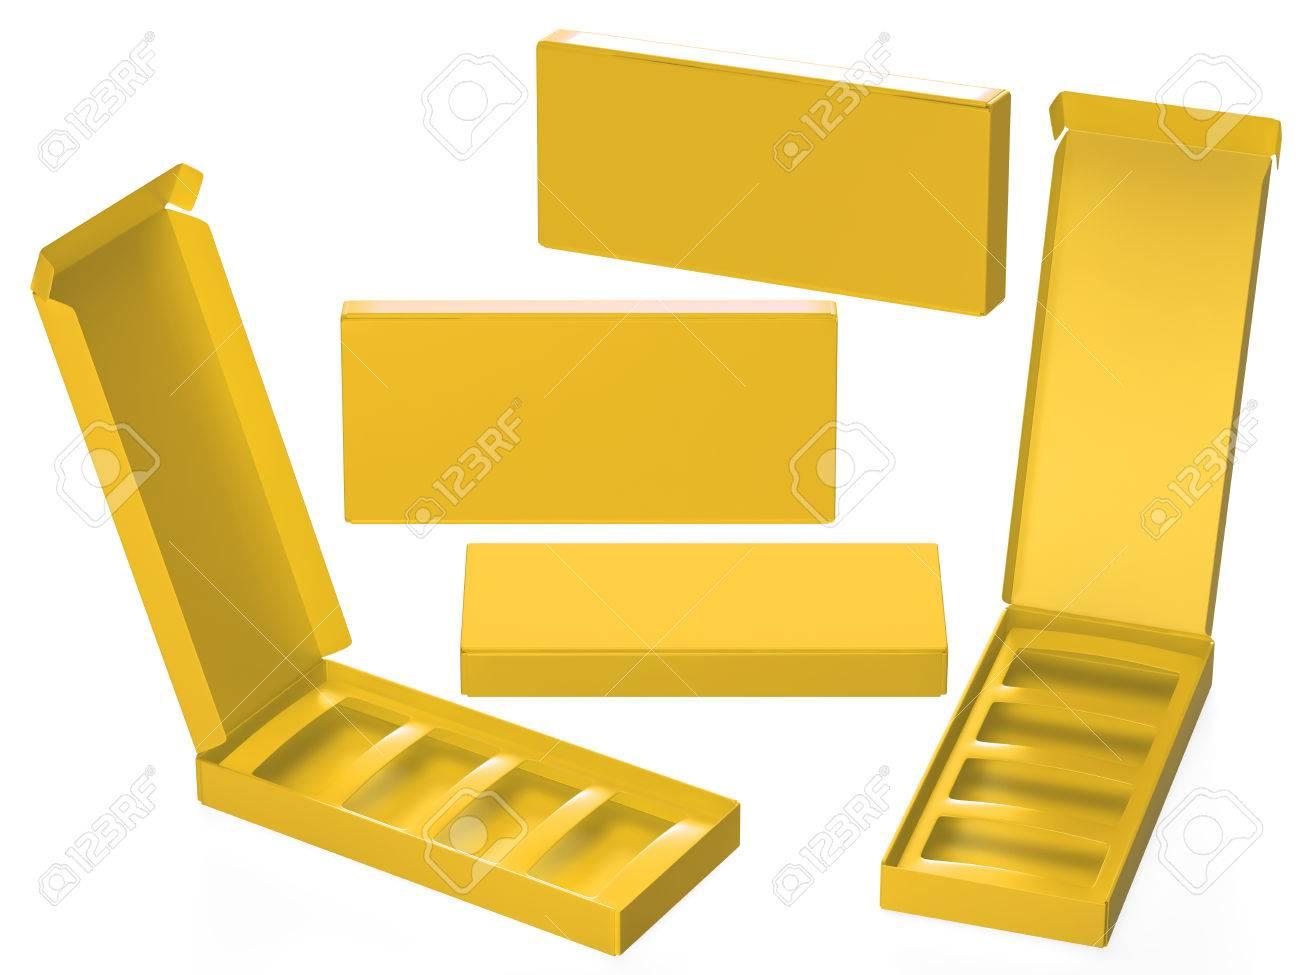 Caja De Cartón De Papel Amarillo Con El Divisor, Incluido Saturación ...